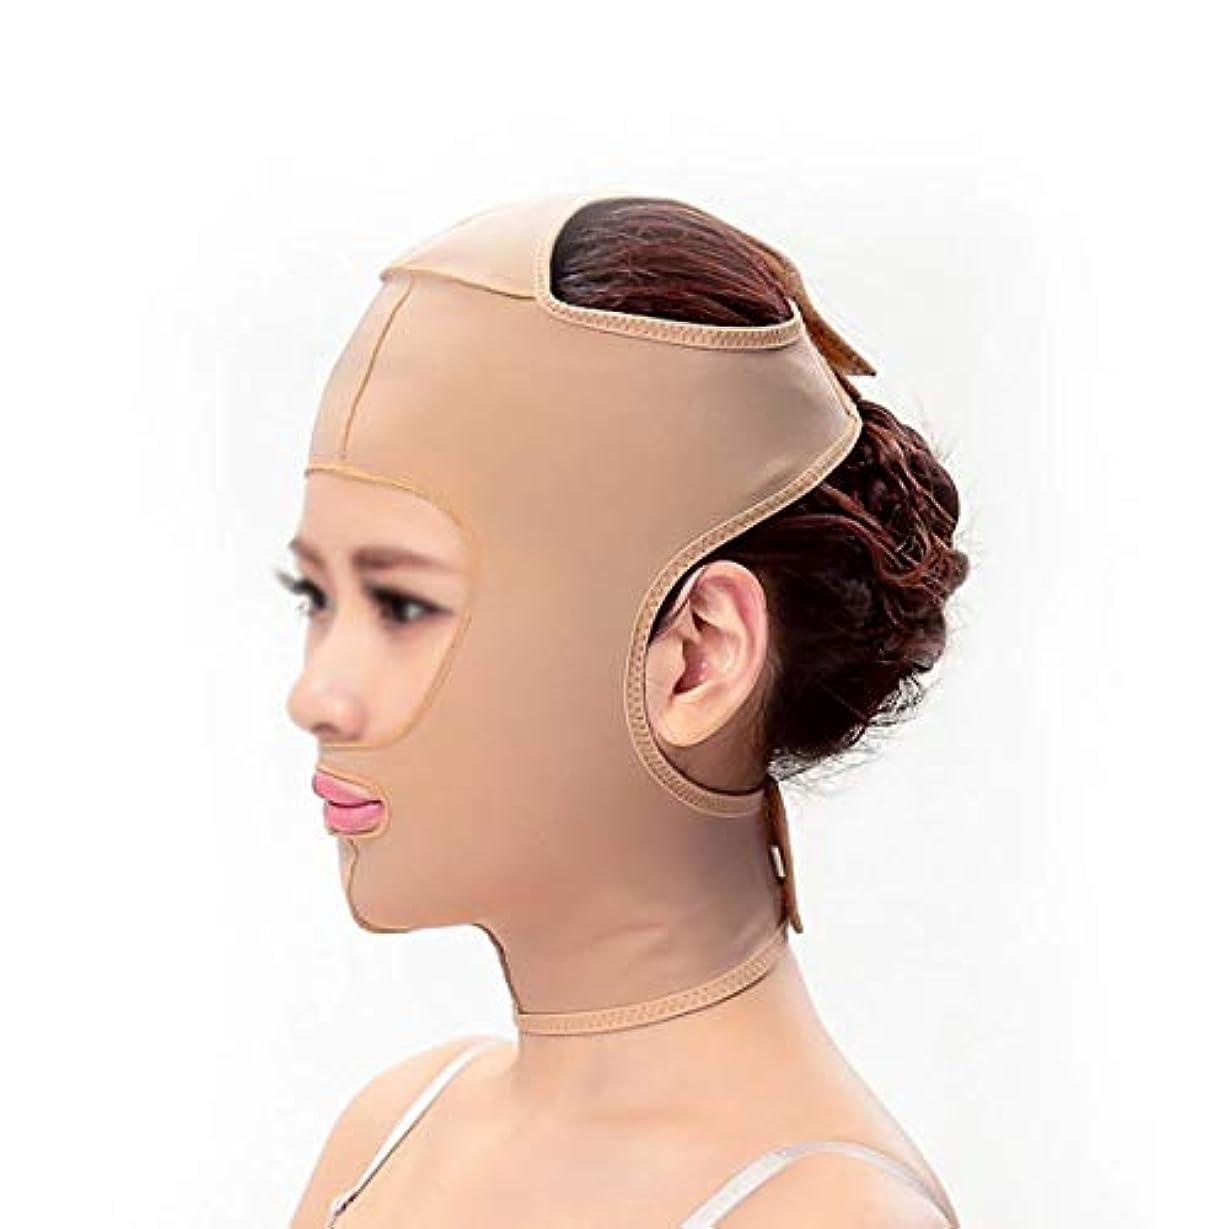 ノイズキャリア東方スリミングベルト、二重あごの引き締め顔面プラスチックフェイスアーティファクト強力なフェイスバンデージをサイズアップするために顔面マスクシンフェイスマスク,Xl